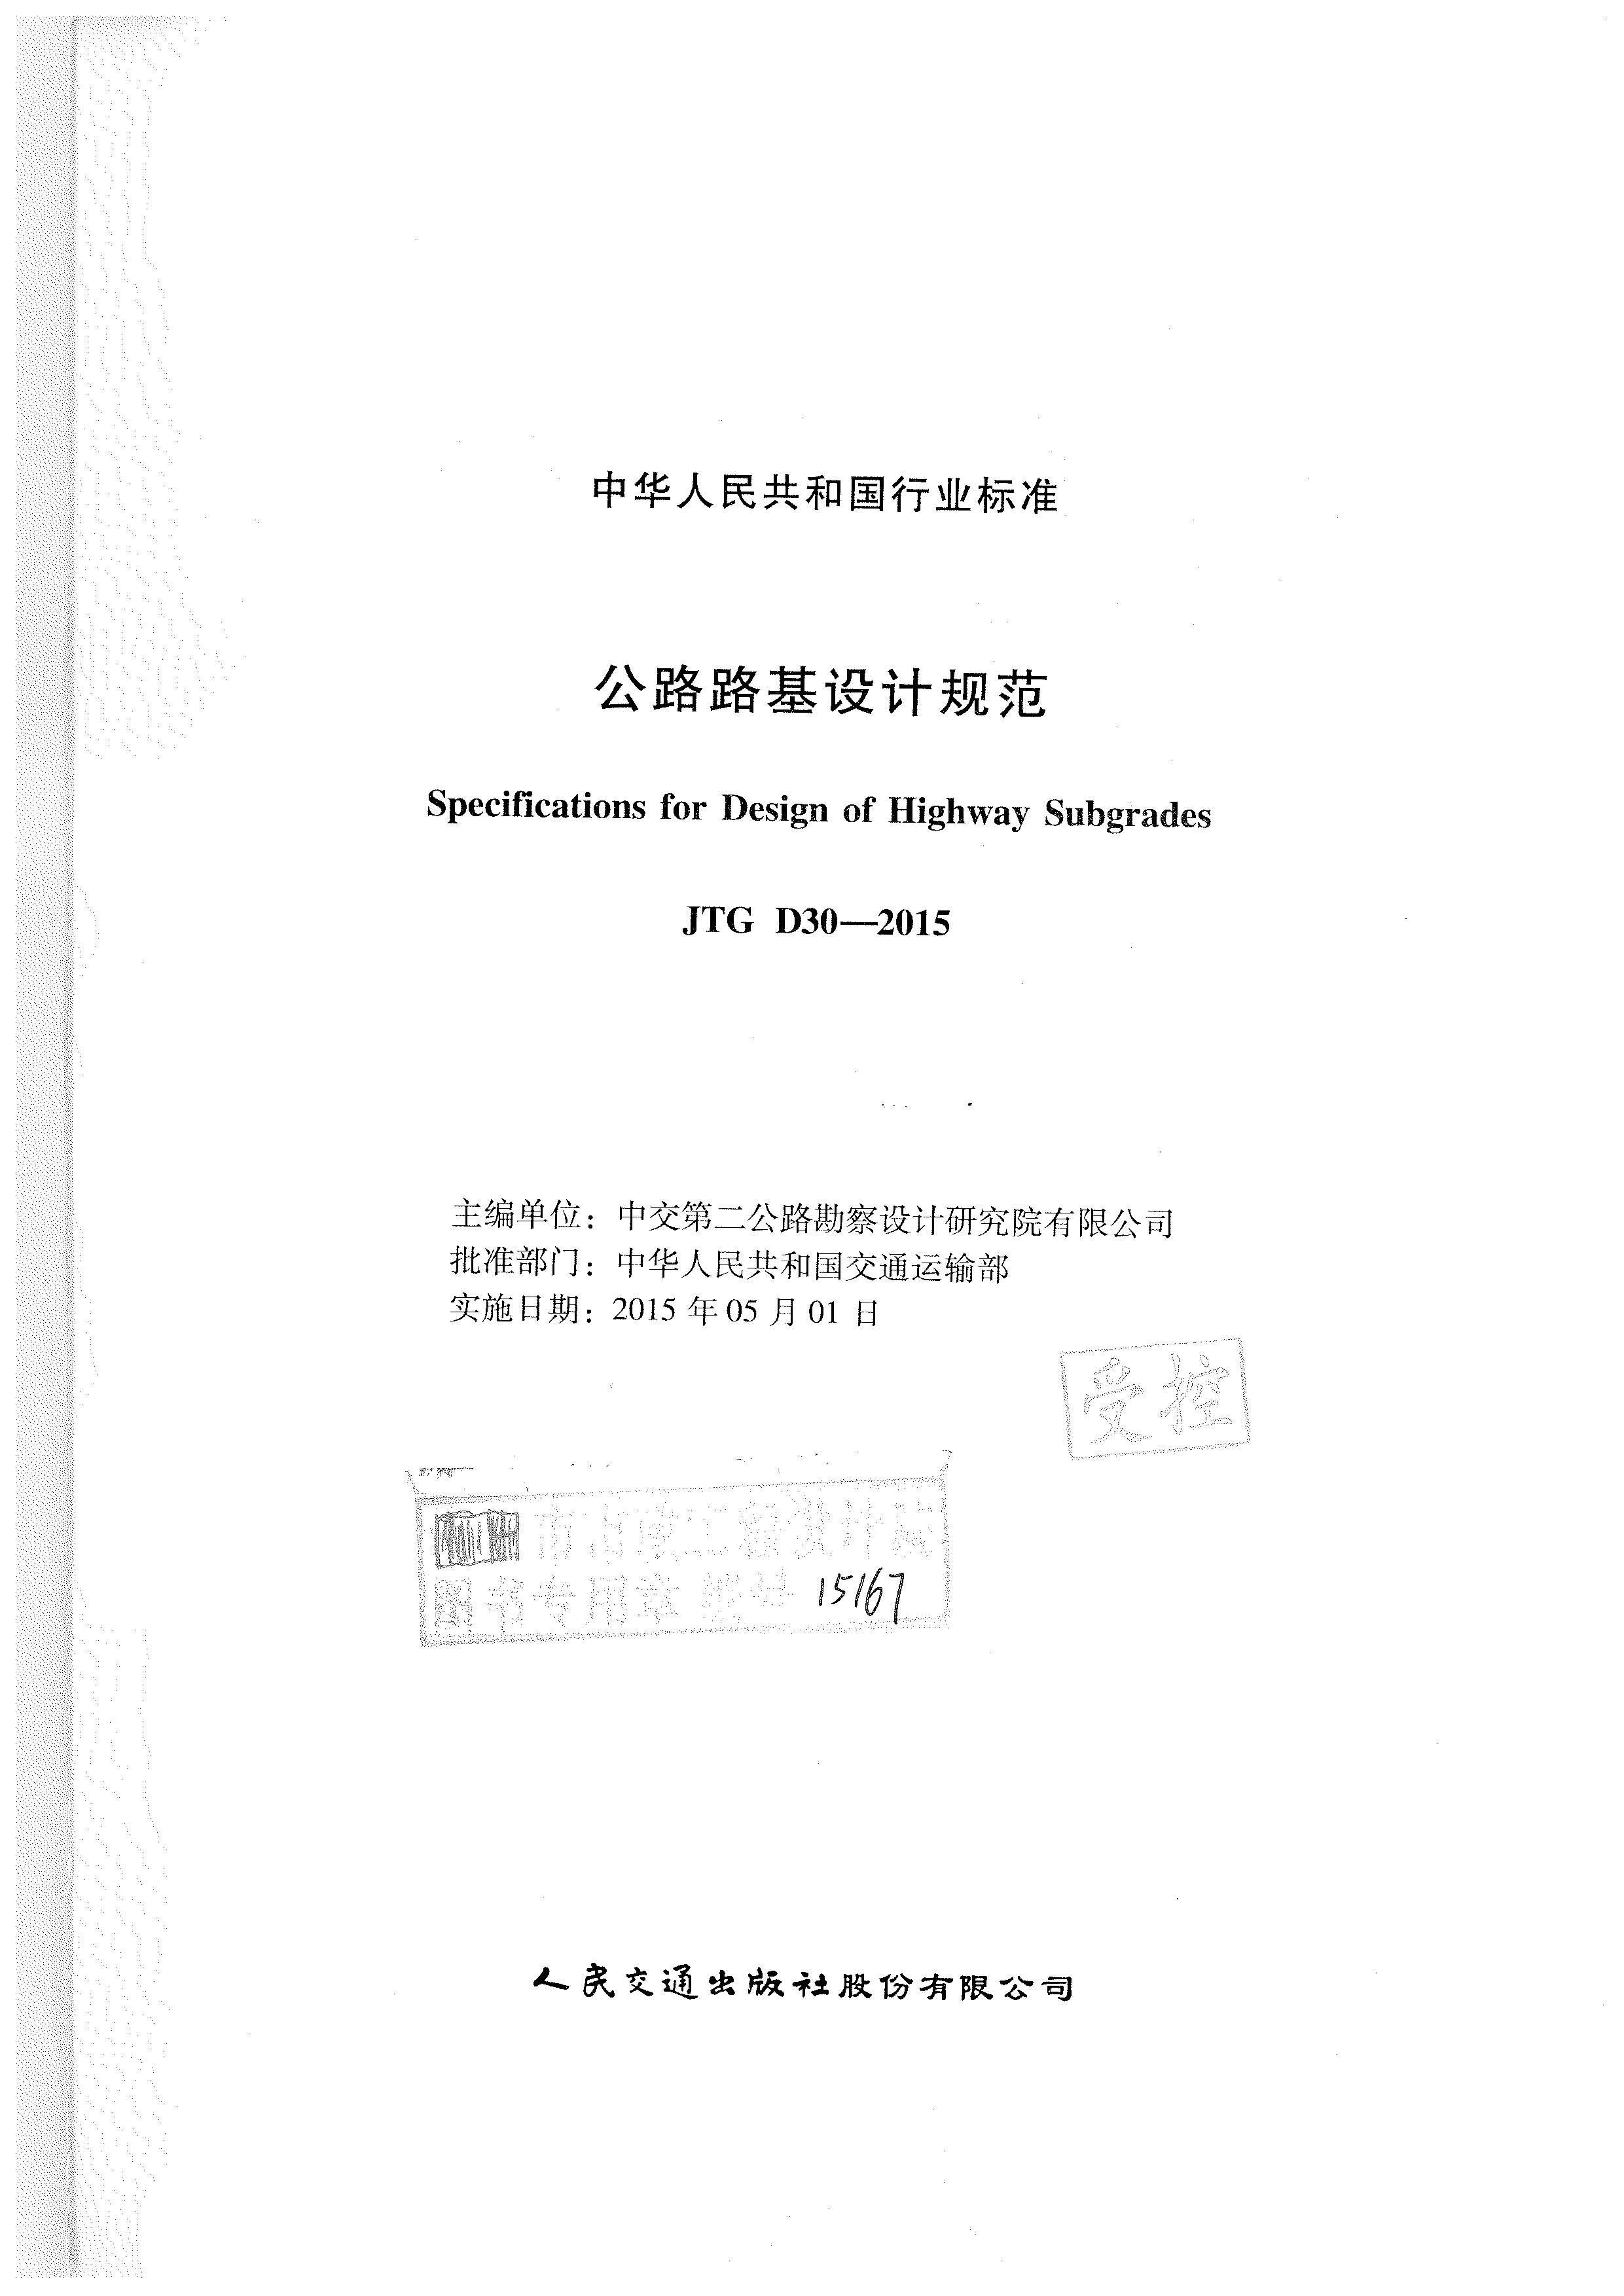 注册土木工程师图片1